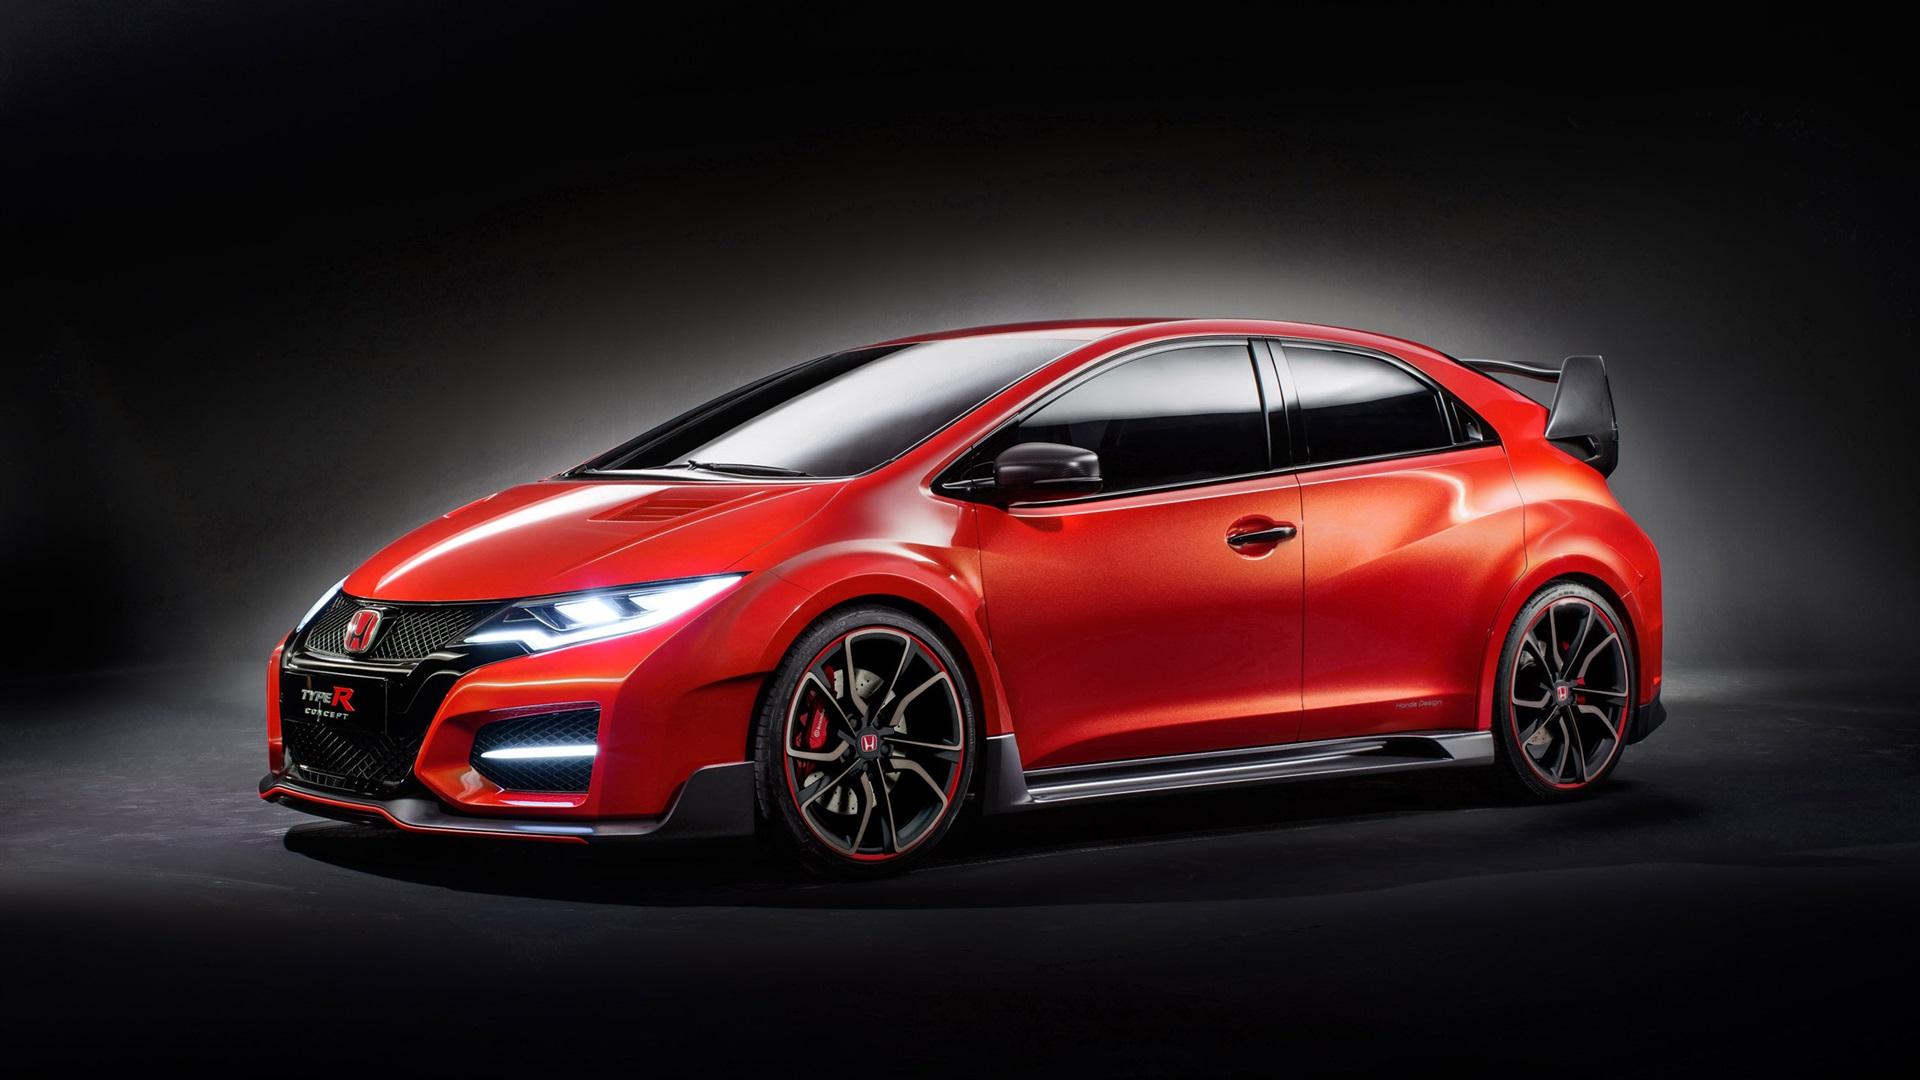 Fonds D'écran 2014 Voiture Honda Civic Type R Concept